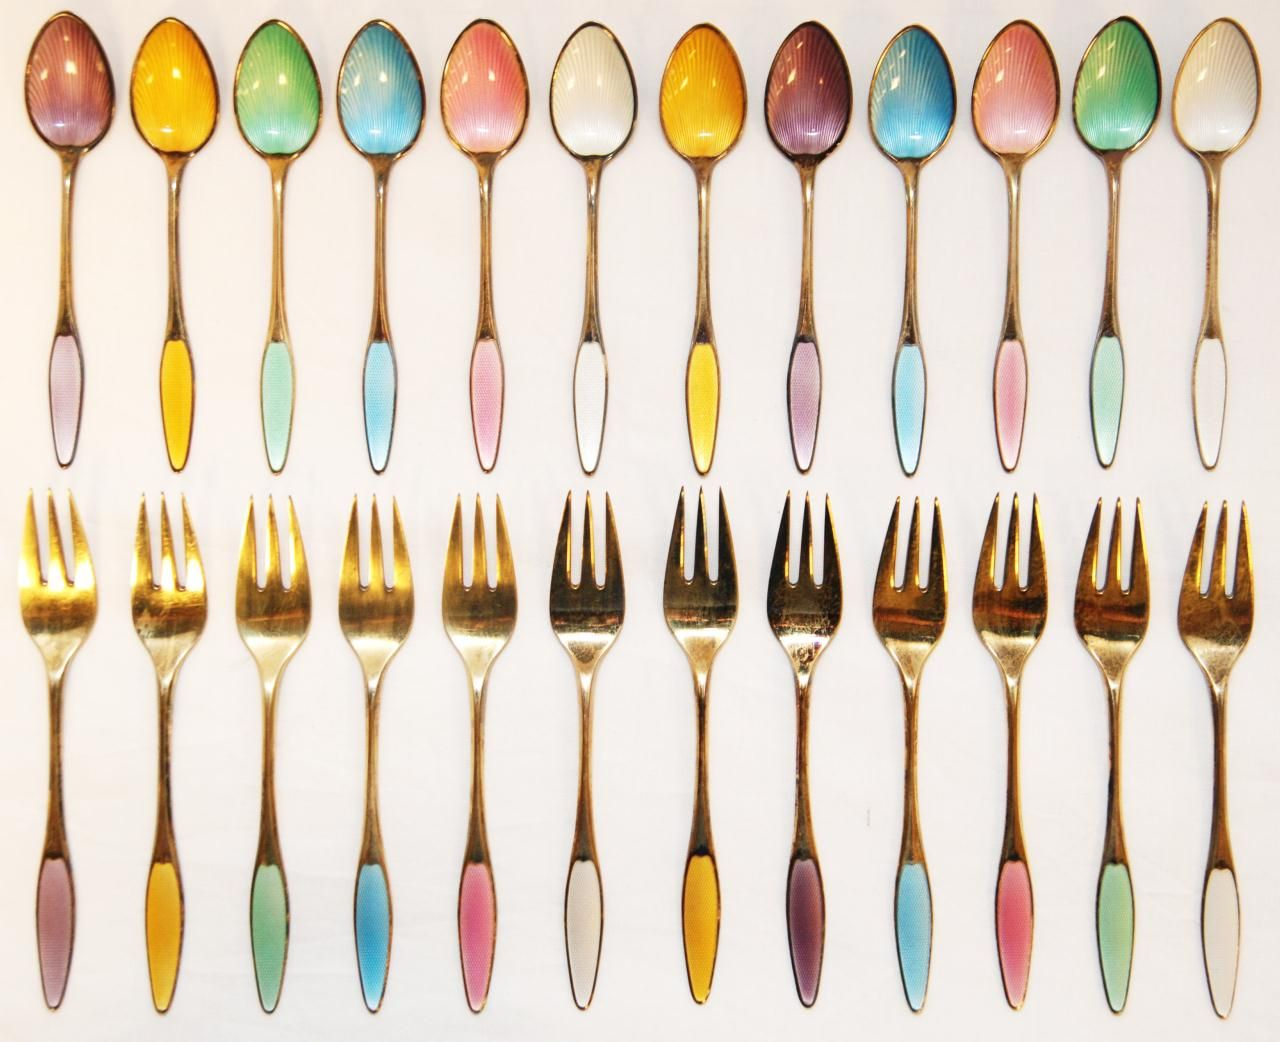 24 sterling silver enameled teaspoons and dessert forks. spritzer & fuhrmann. vintage.